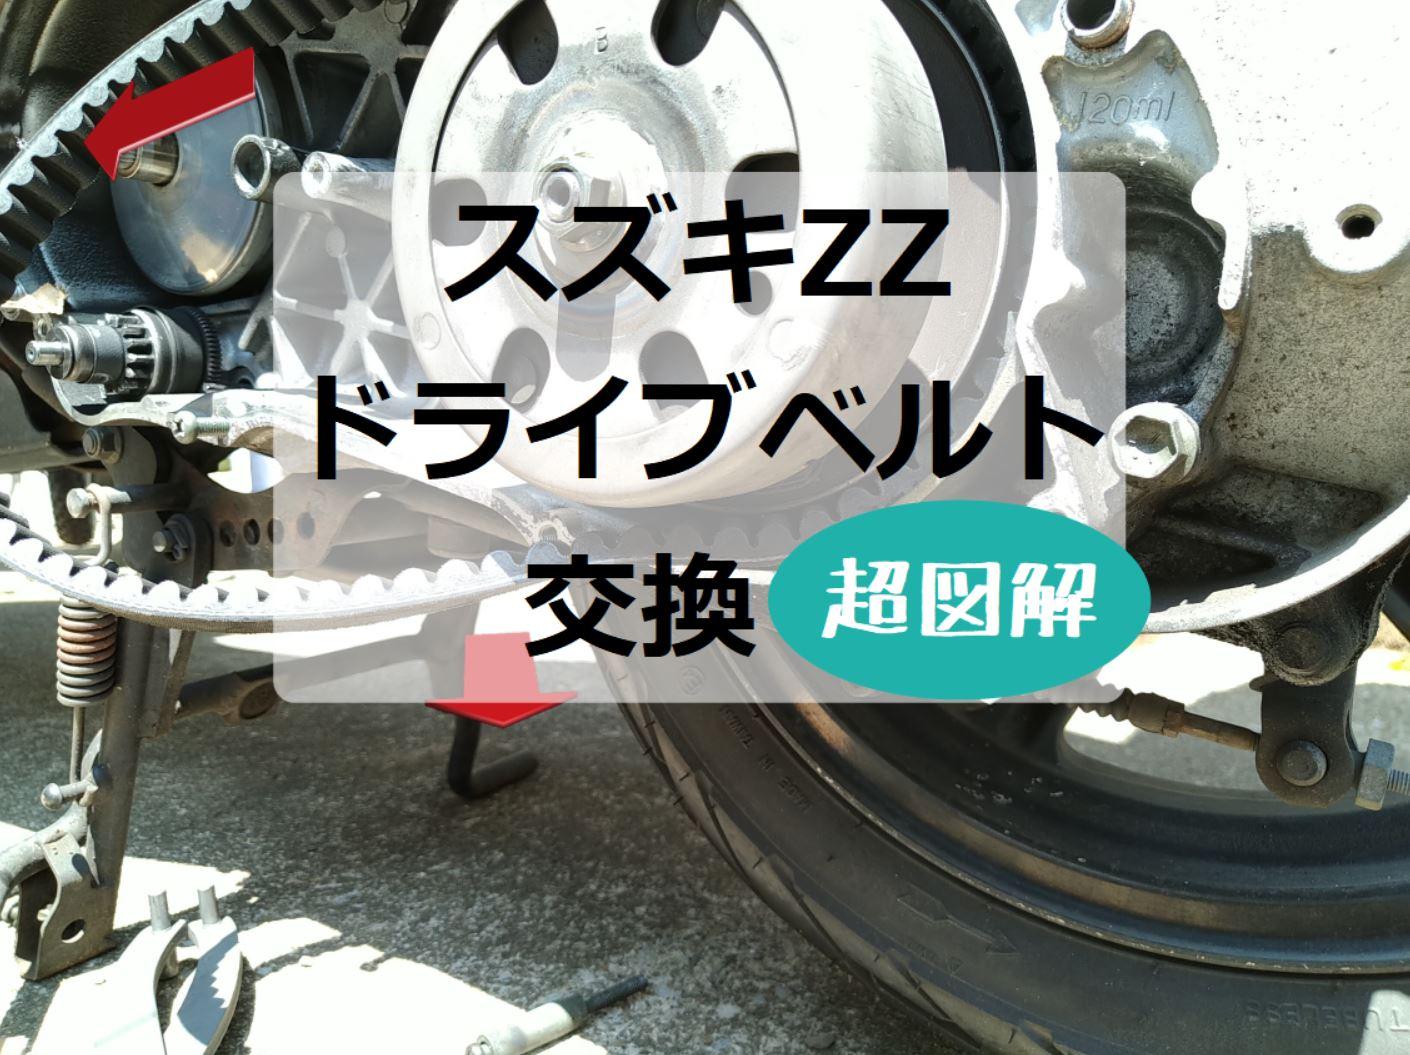 スズキZZドライブベルトとギヤオイルの交換